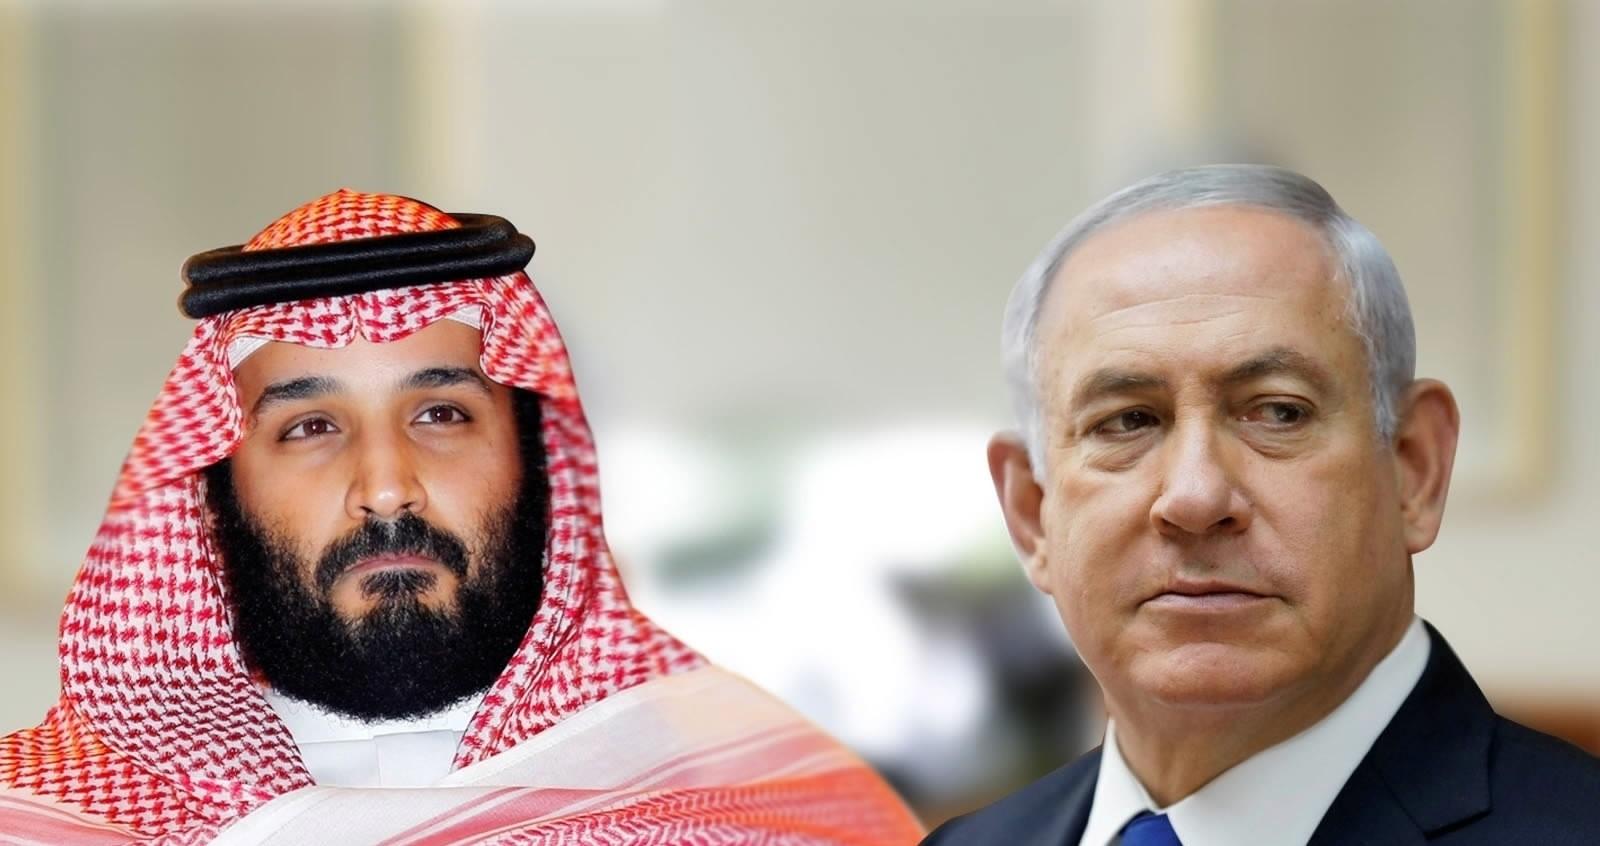 """قناة صهيونية: اتصالات متقدمة لعقد لقاء بين """"نتنياهو"""" و""""بن سلمان"""" غدًا في الإمارات"""